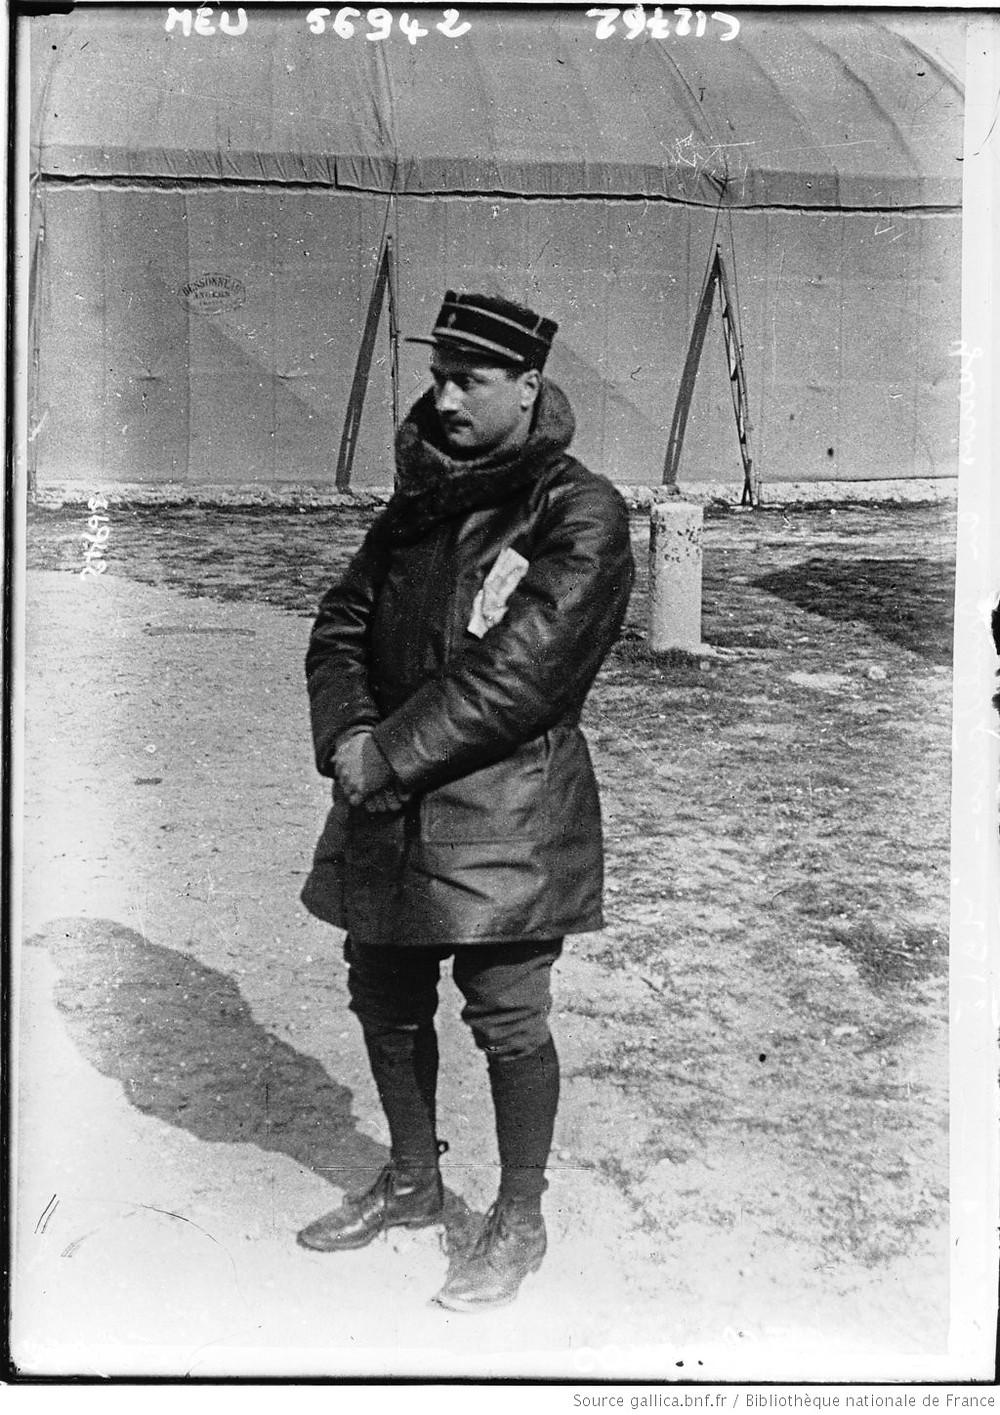 Photographie de Roland Garros, aviateur militaire.